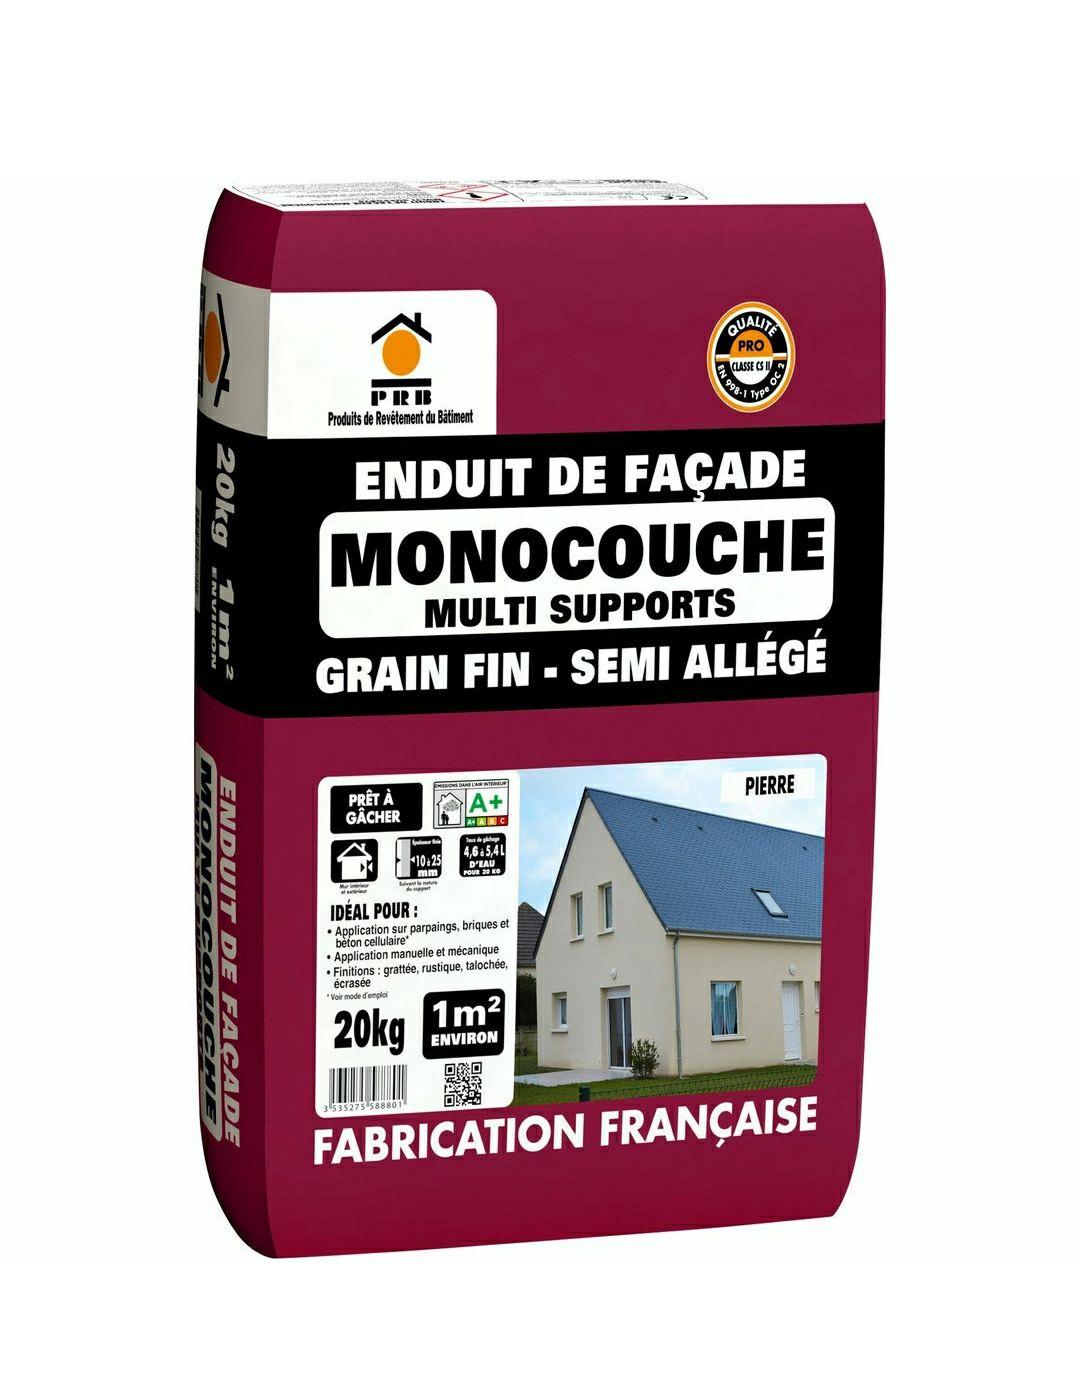 Enduit monocouche ton pierre PRB - 20.081kg - Vendin-le-Vieil - Lens (62)